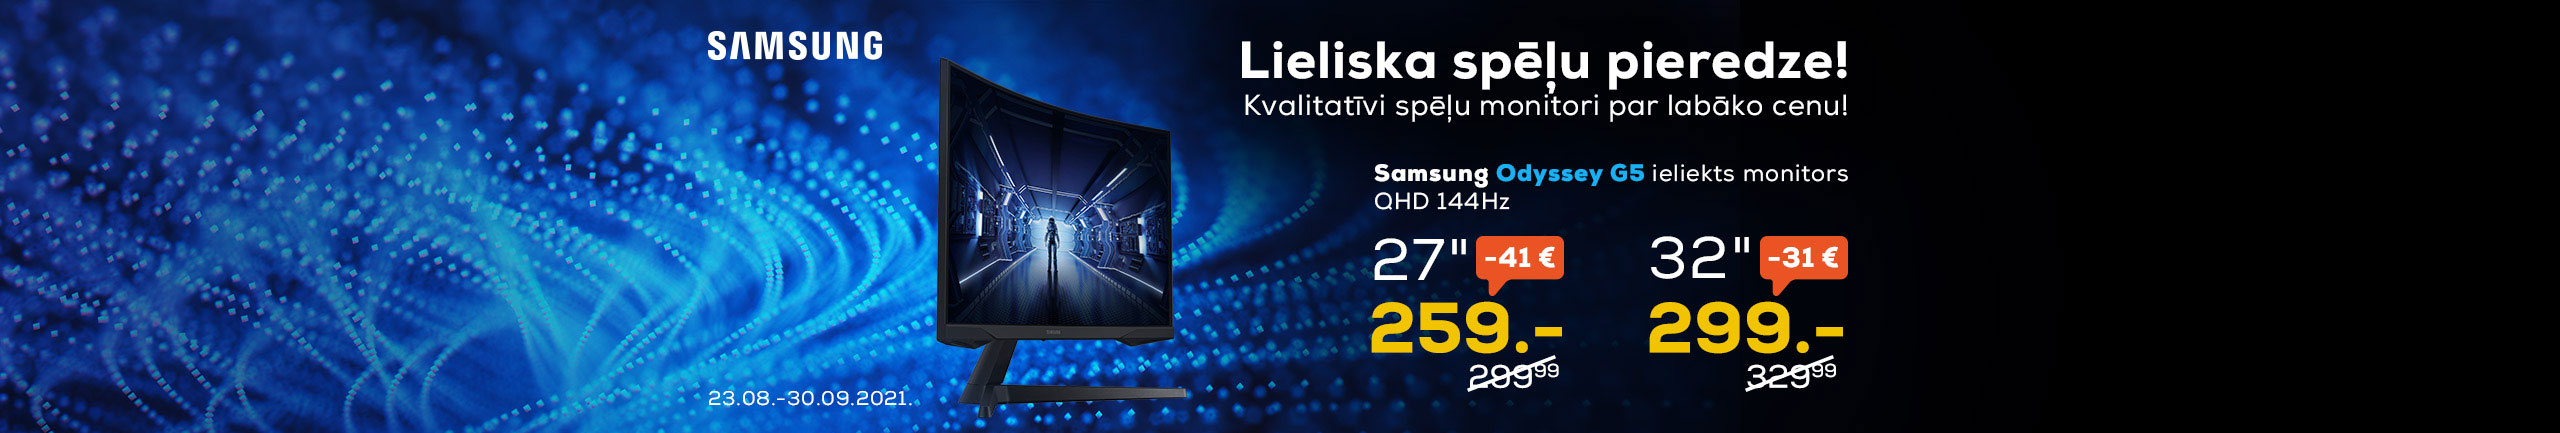 GR Samsung Odyssey G5